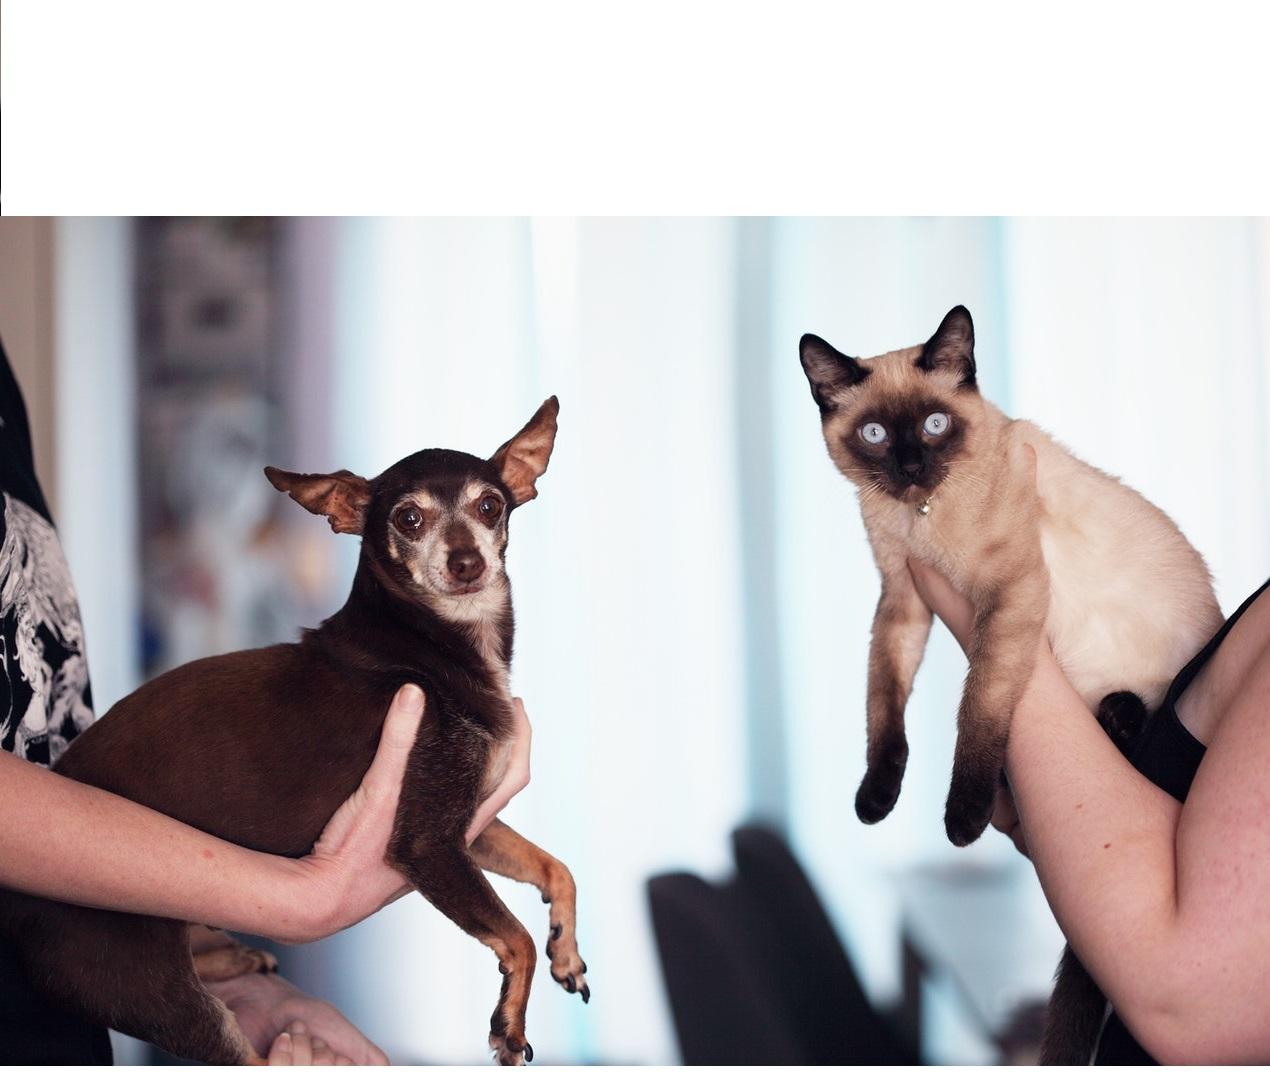 Ein Katzen- oder Hunde-Behaviorist hat die anspruchsvolle Aufgabe, Menschen und Tiere zusammenzubringen.